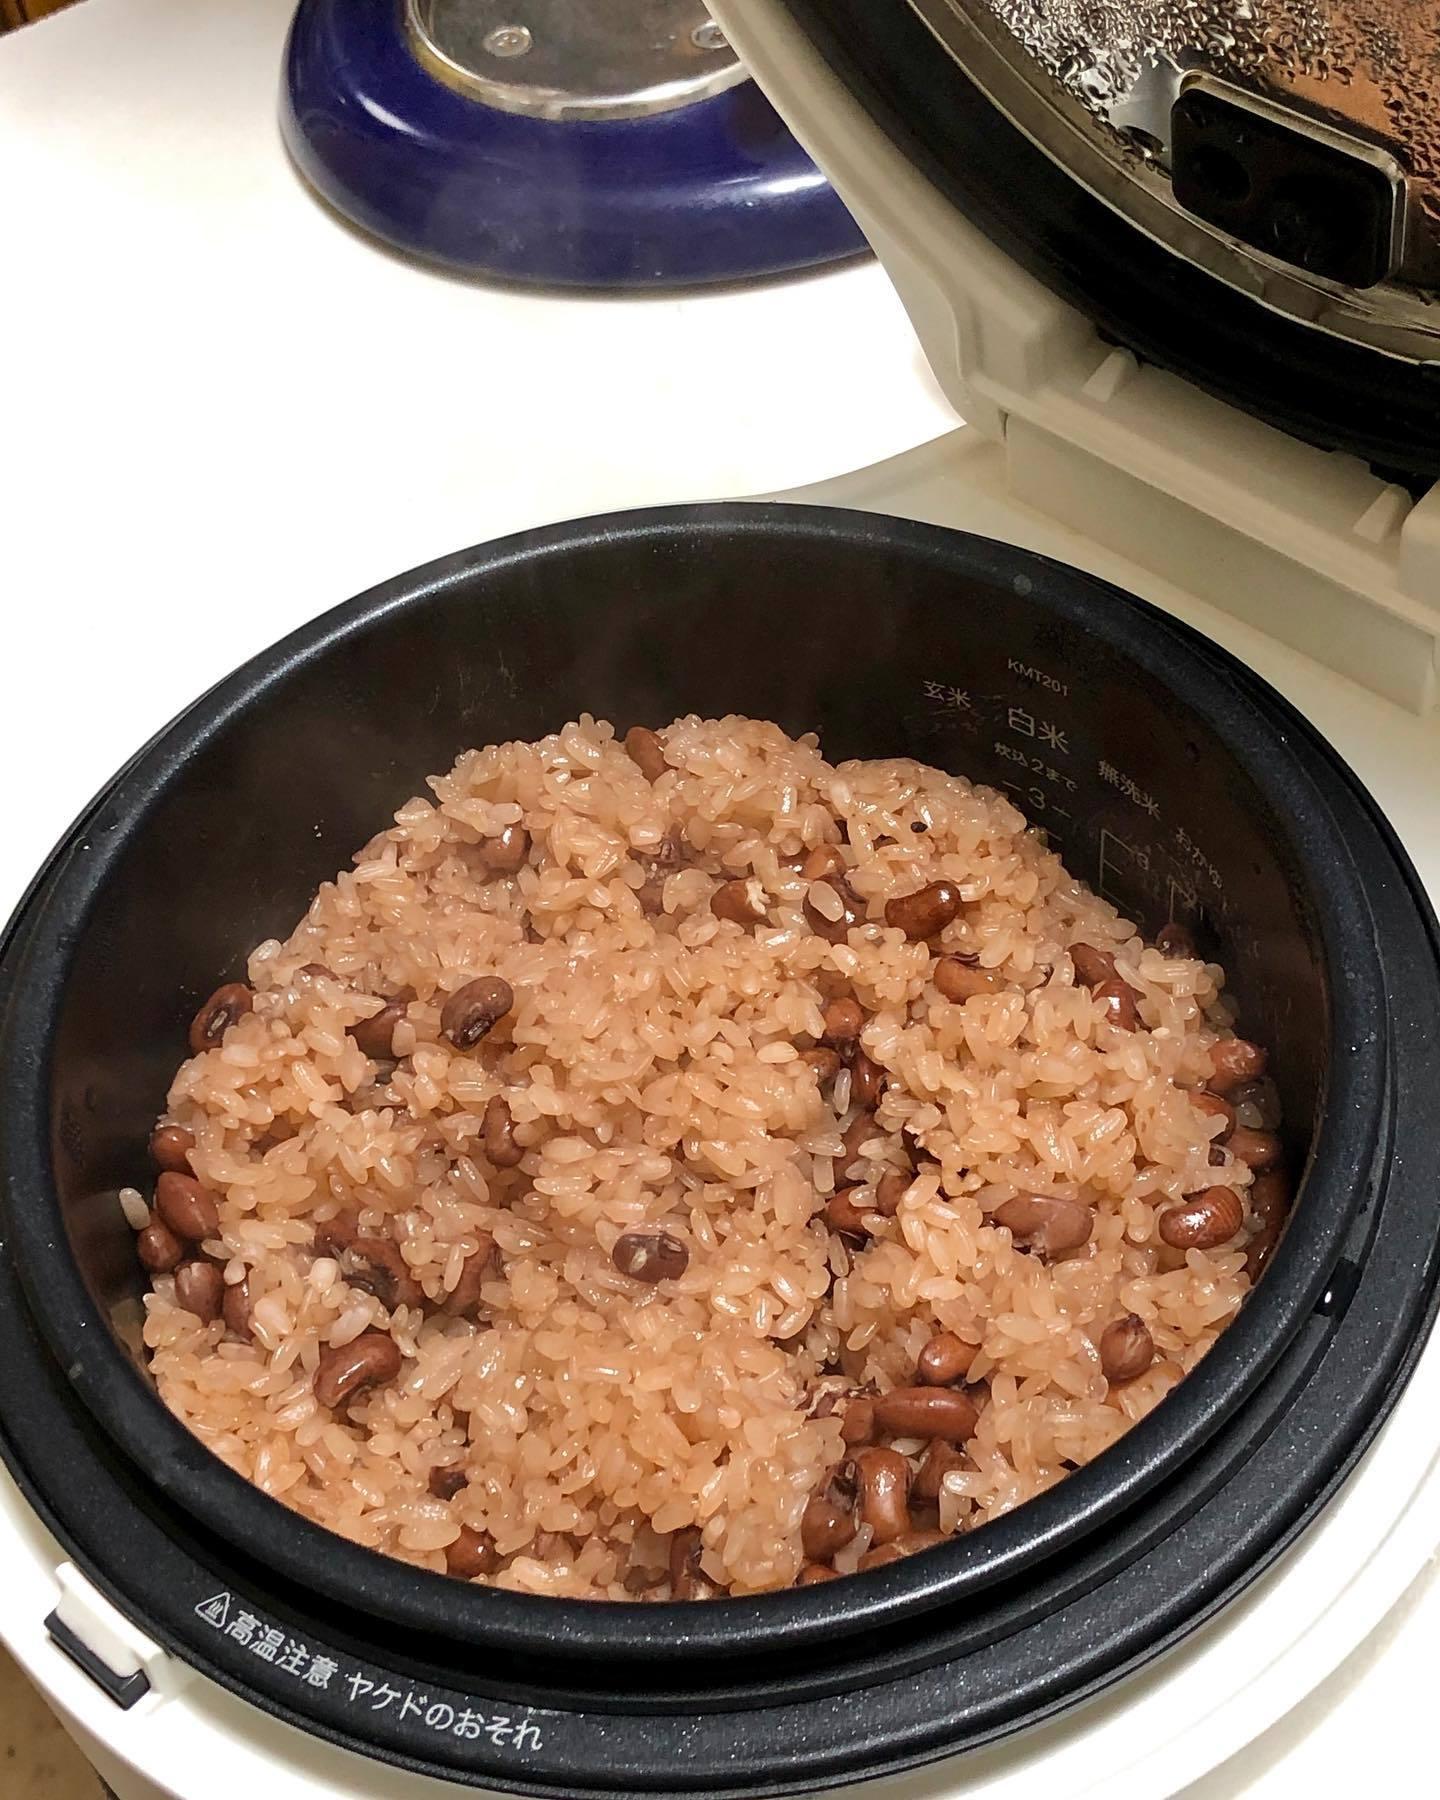 バルミューダの炊飯器で赤飯を炊く_f0134939_10130846.jpg